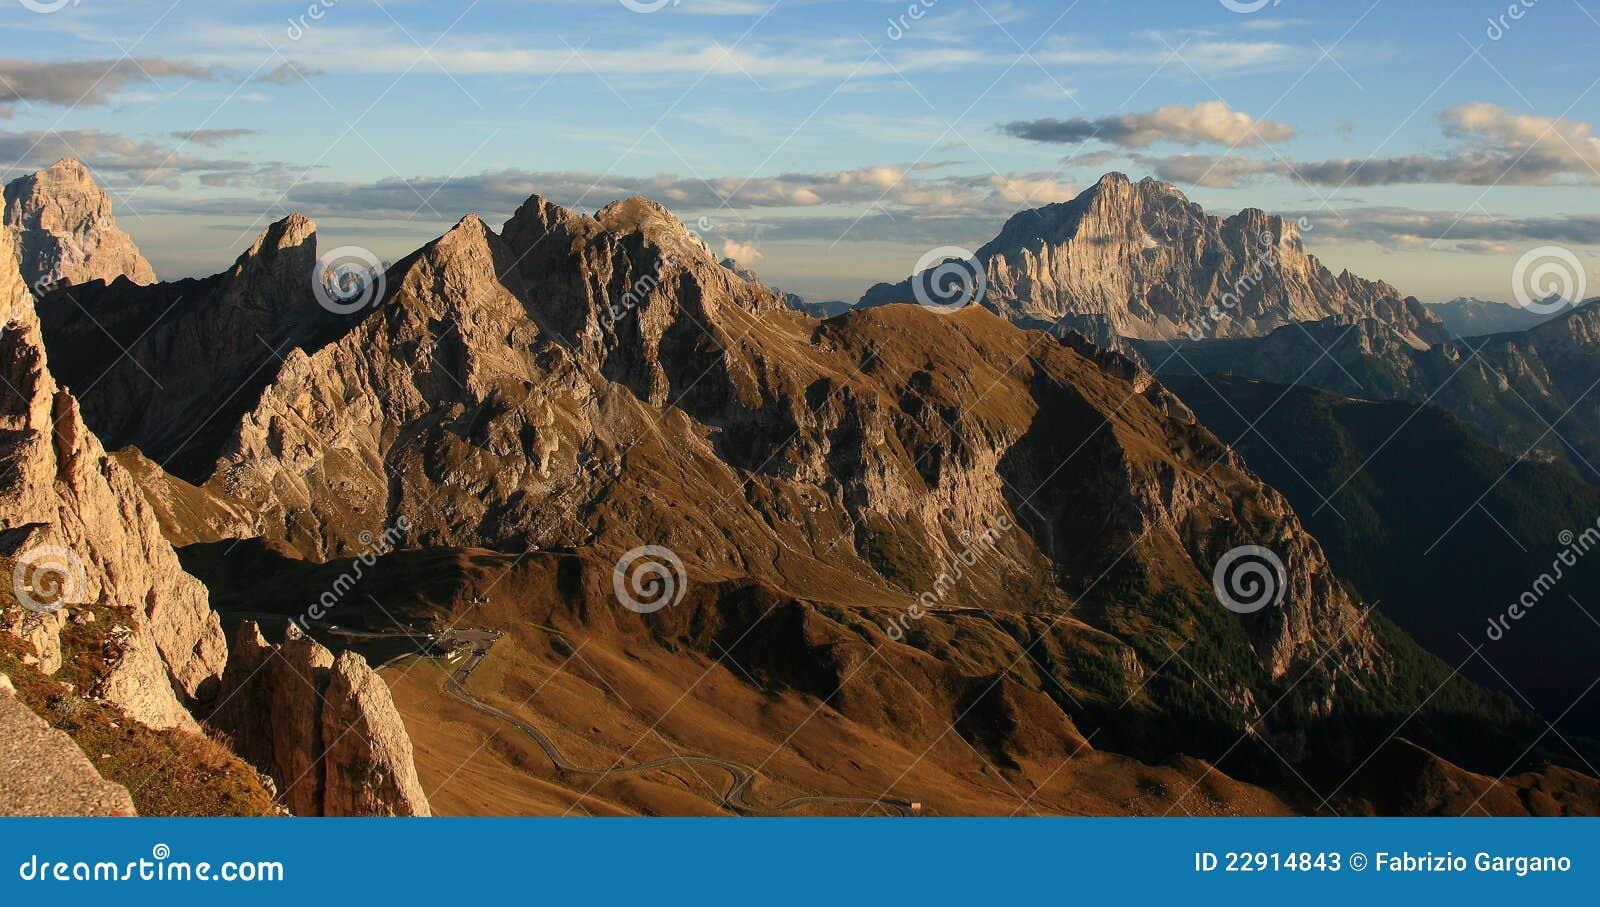 Estrada alpina